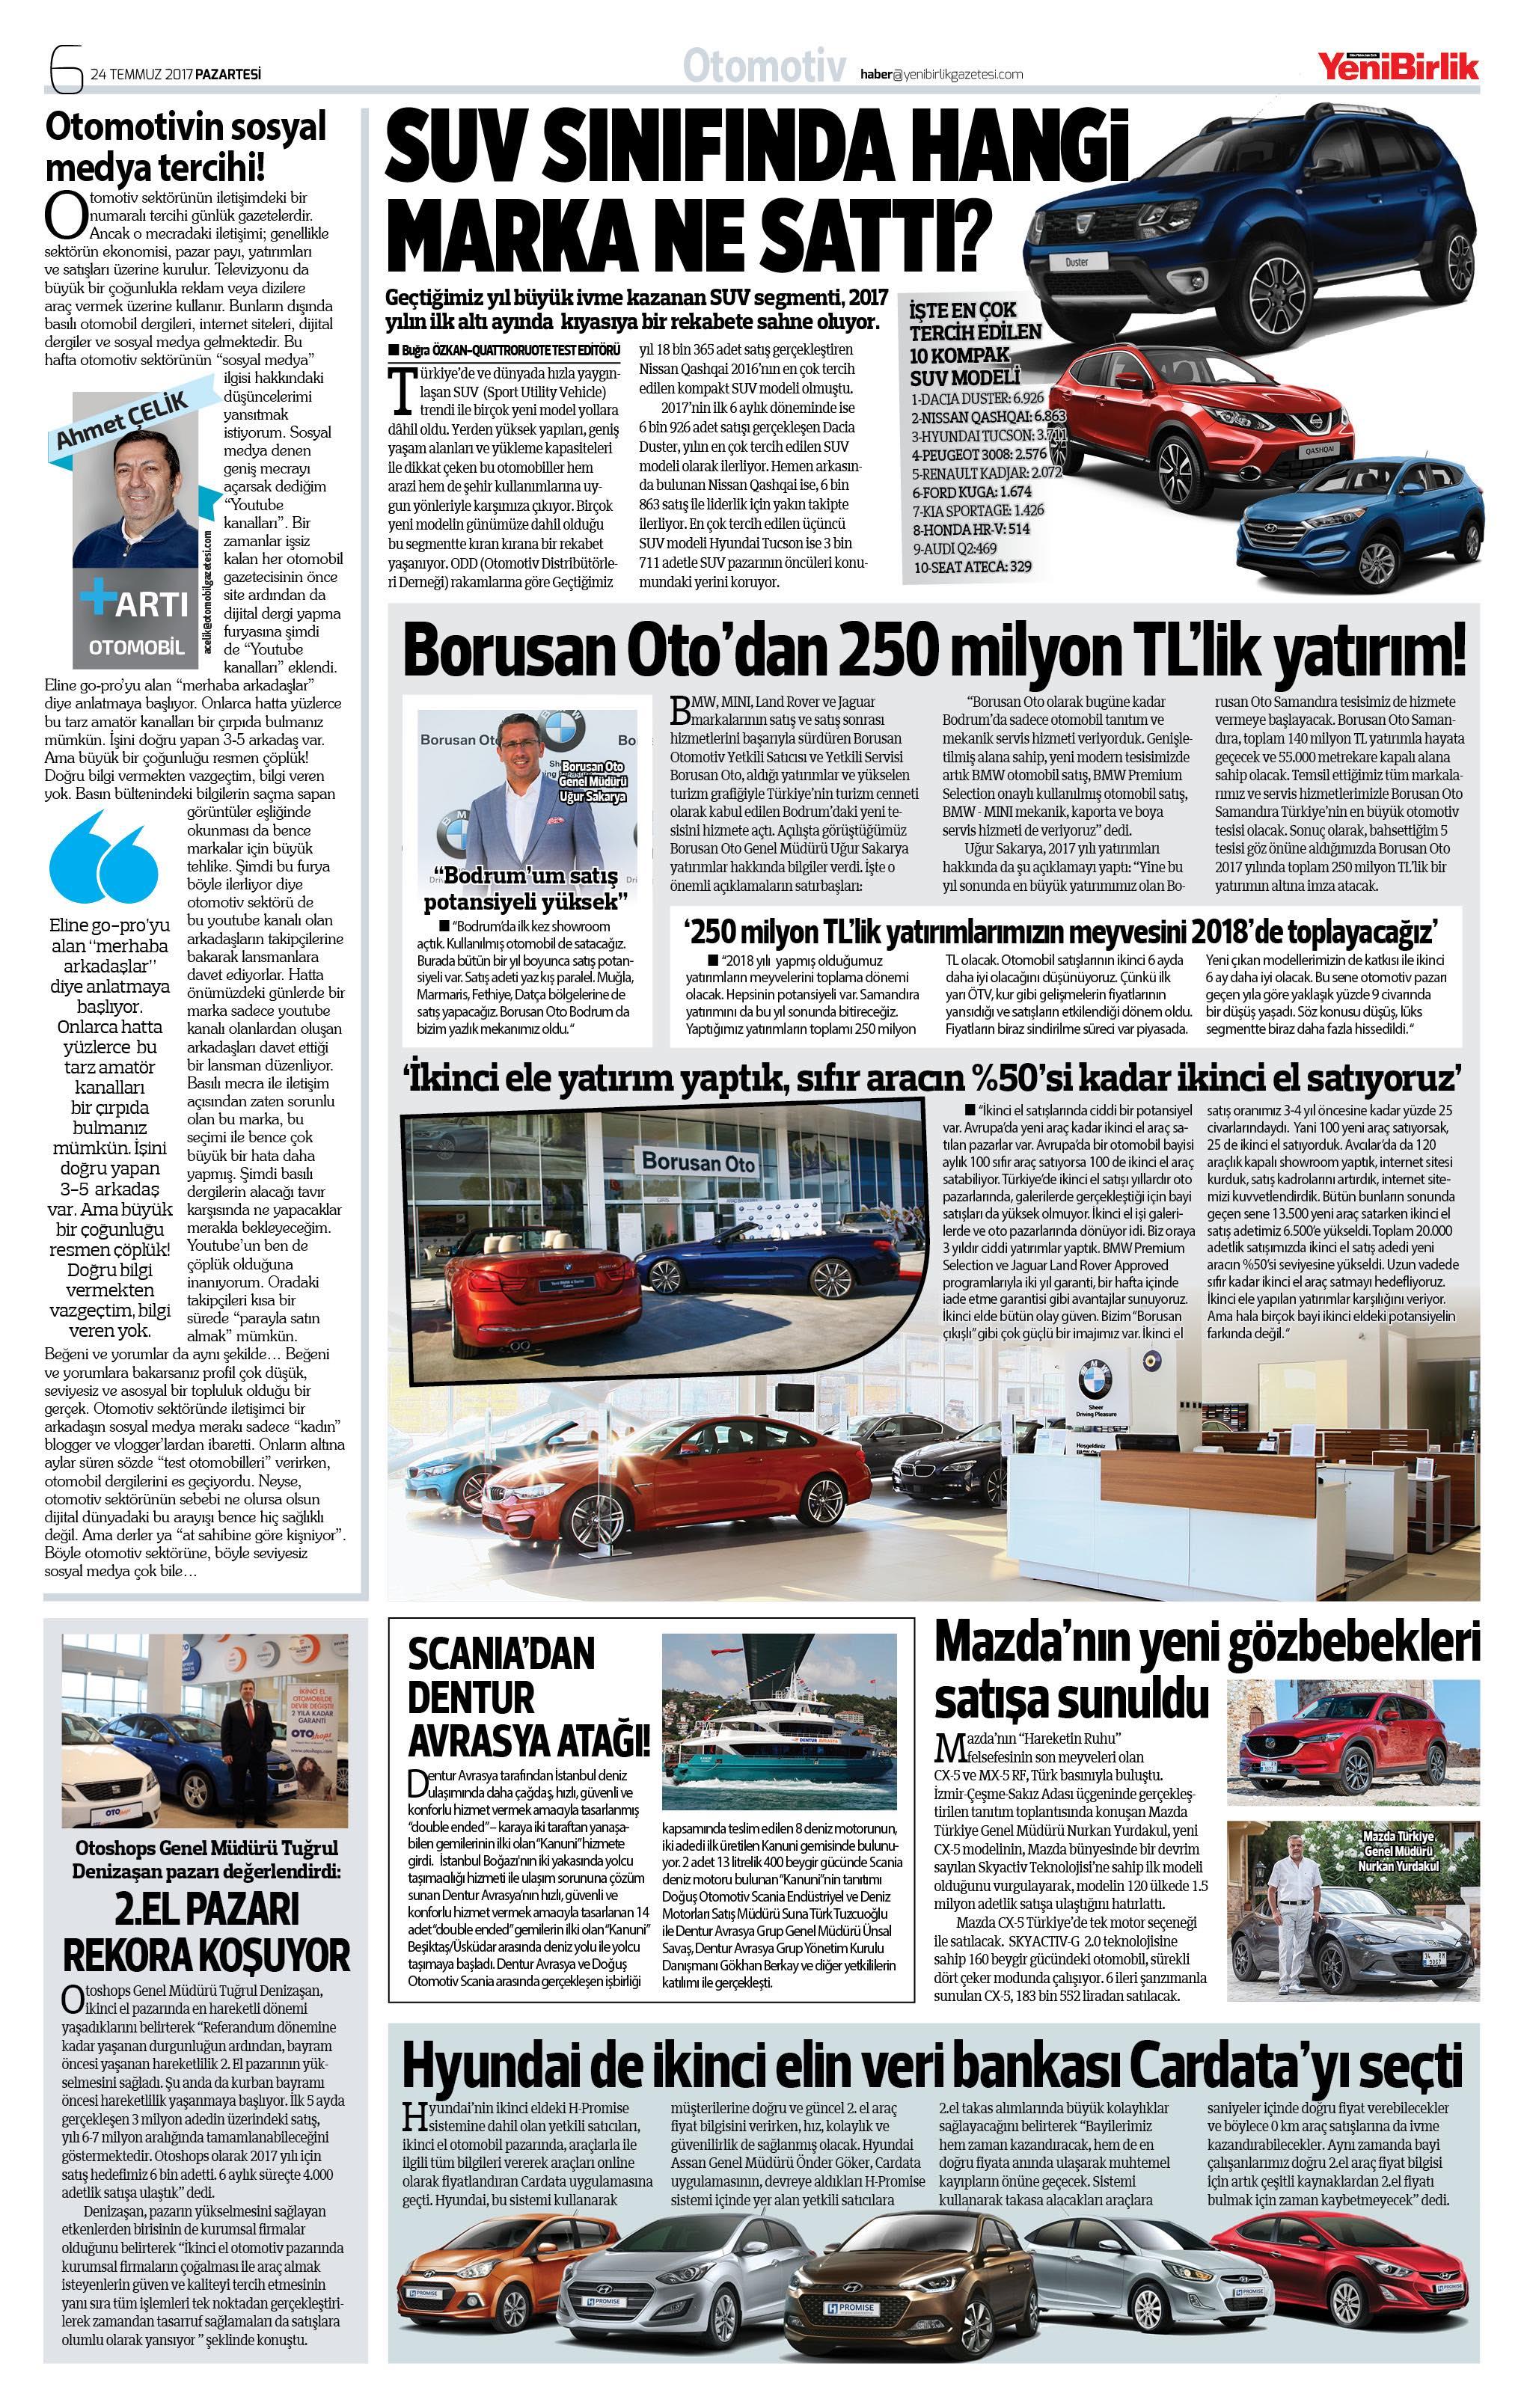 Otomotivin gündemi Yeni Birlik Gazetesi'nde!